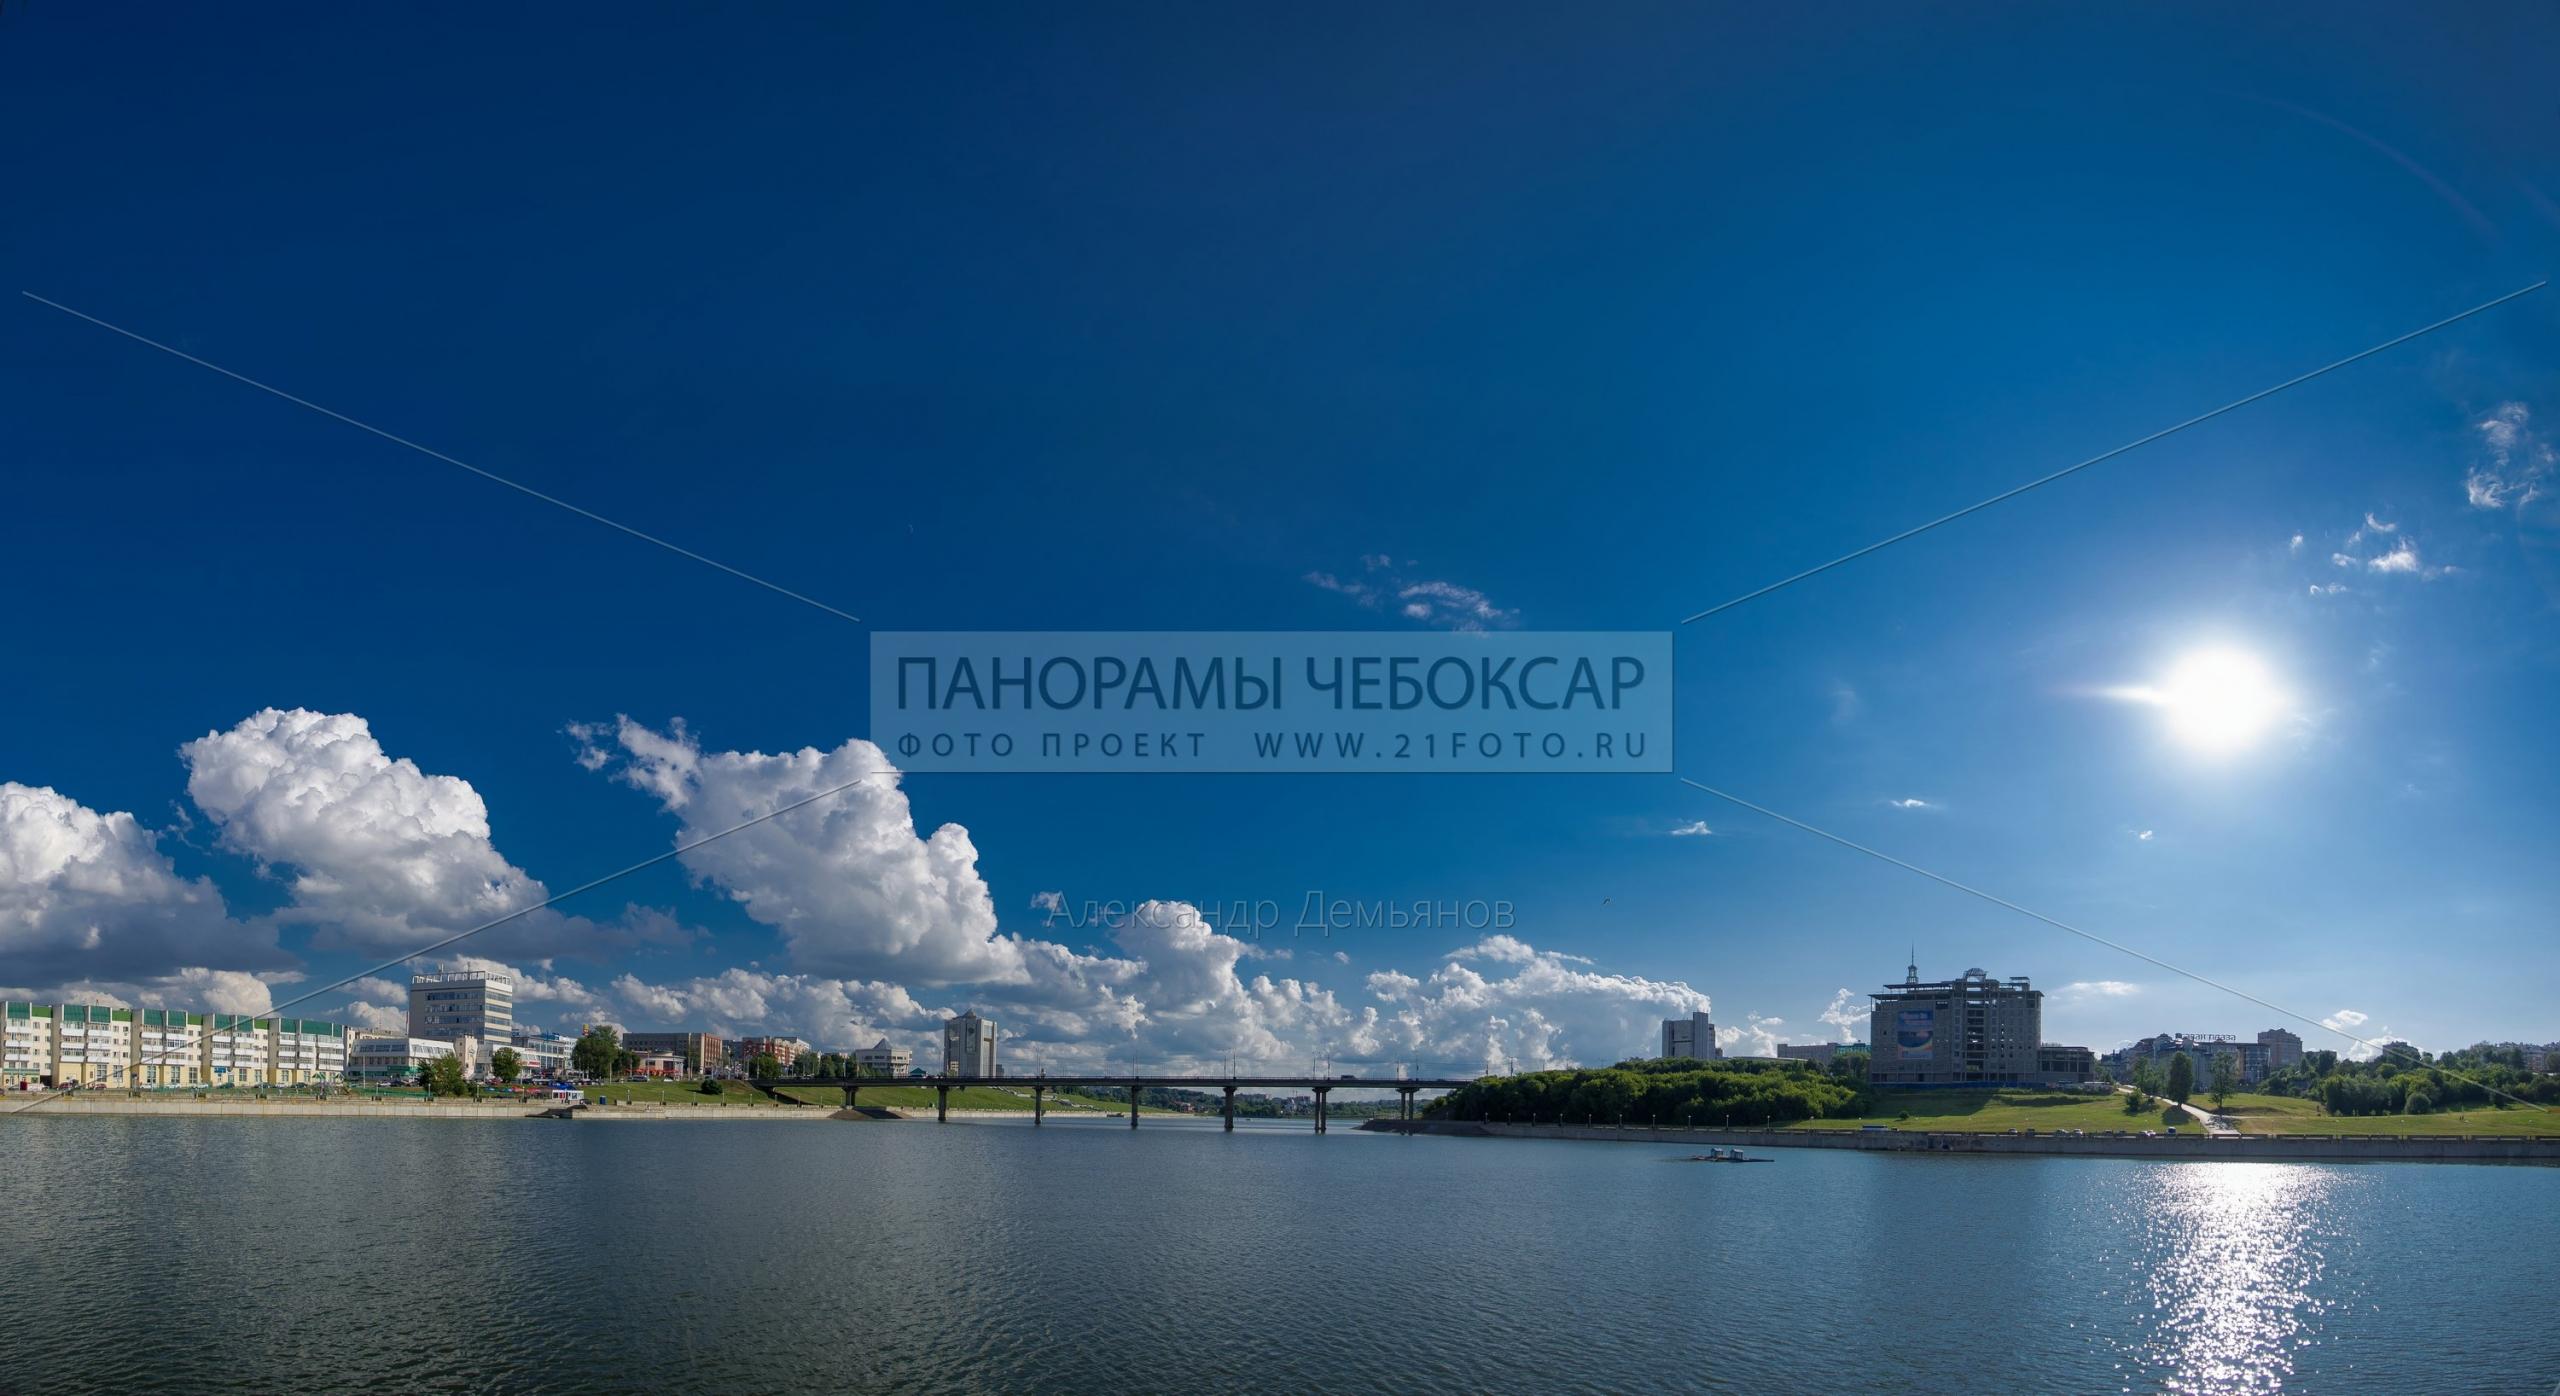 Московский мост, Дом правительства, Чебоксары